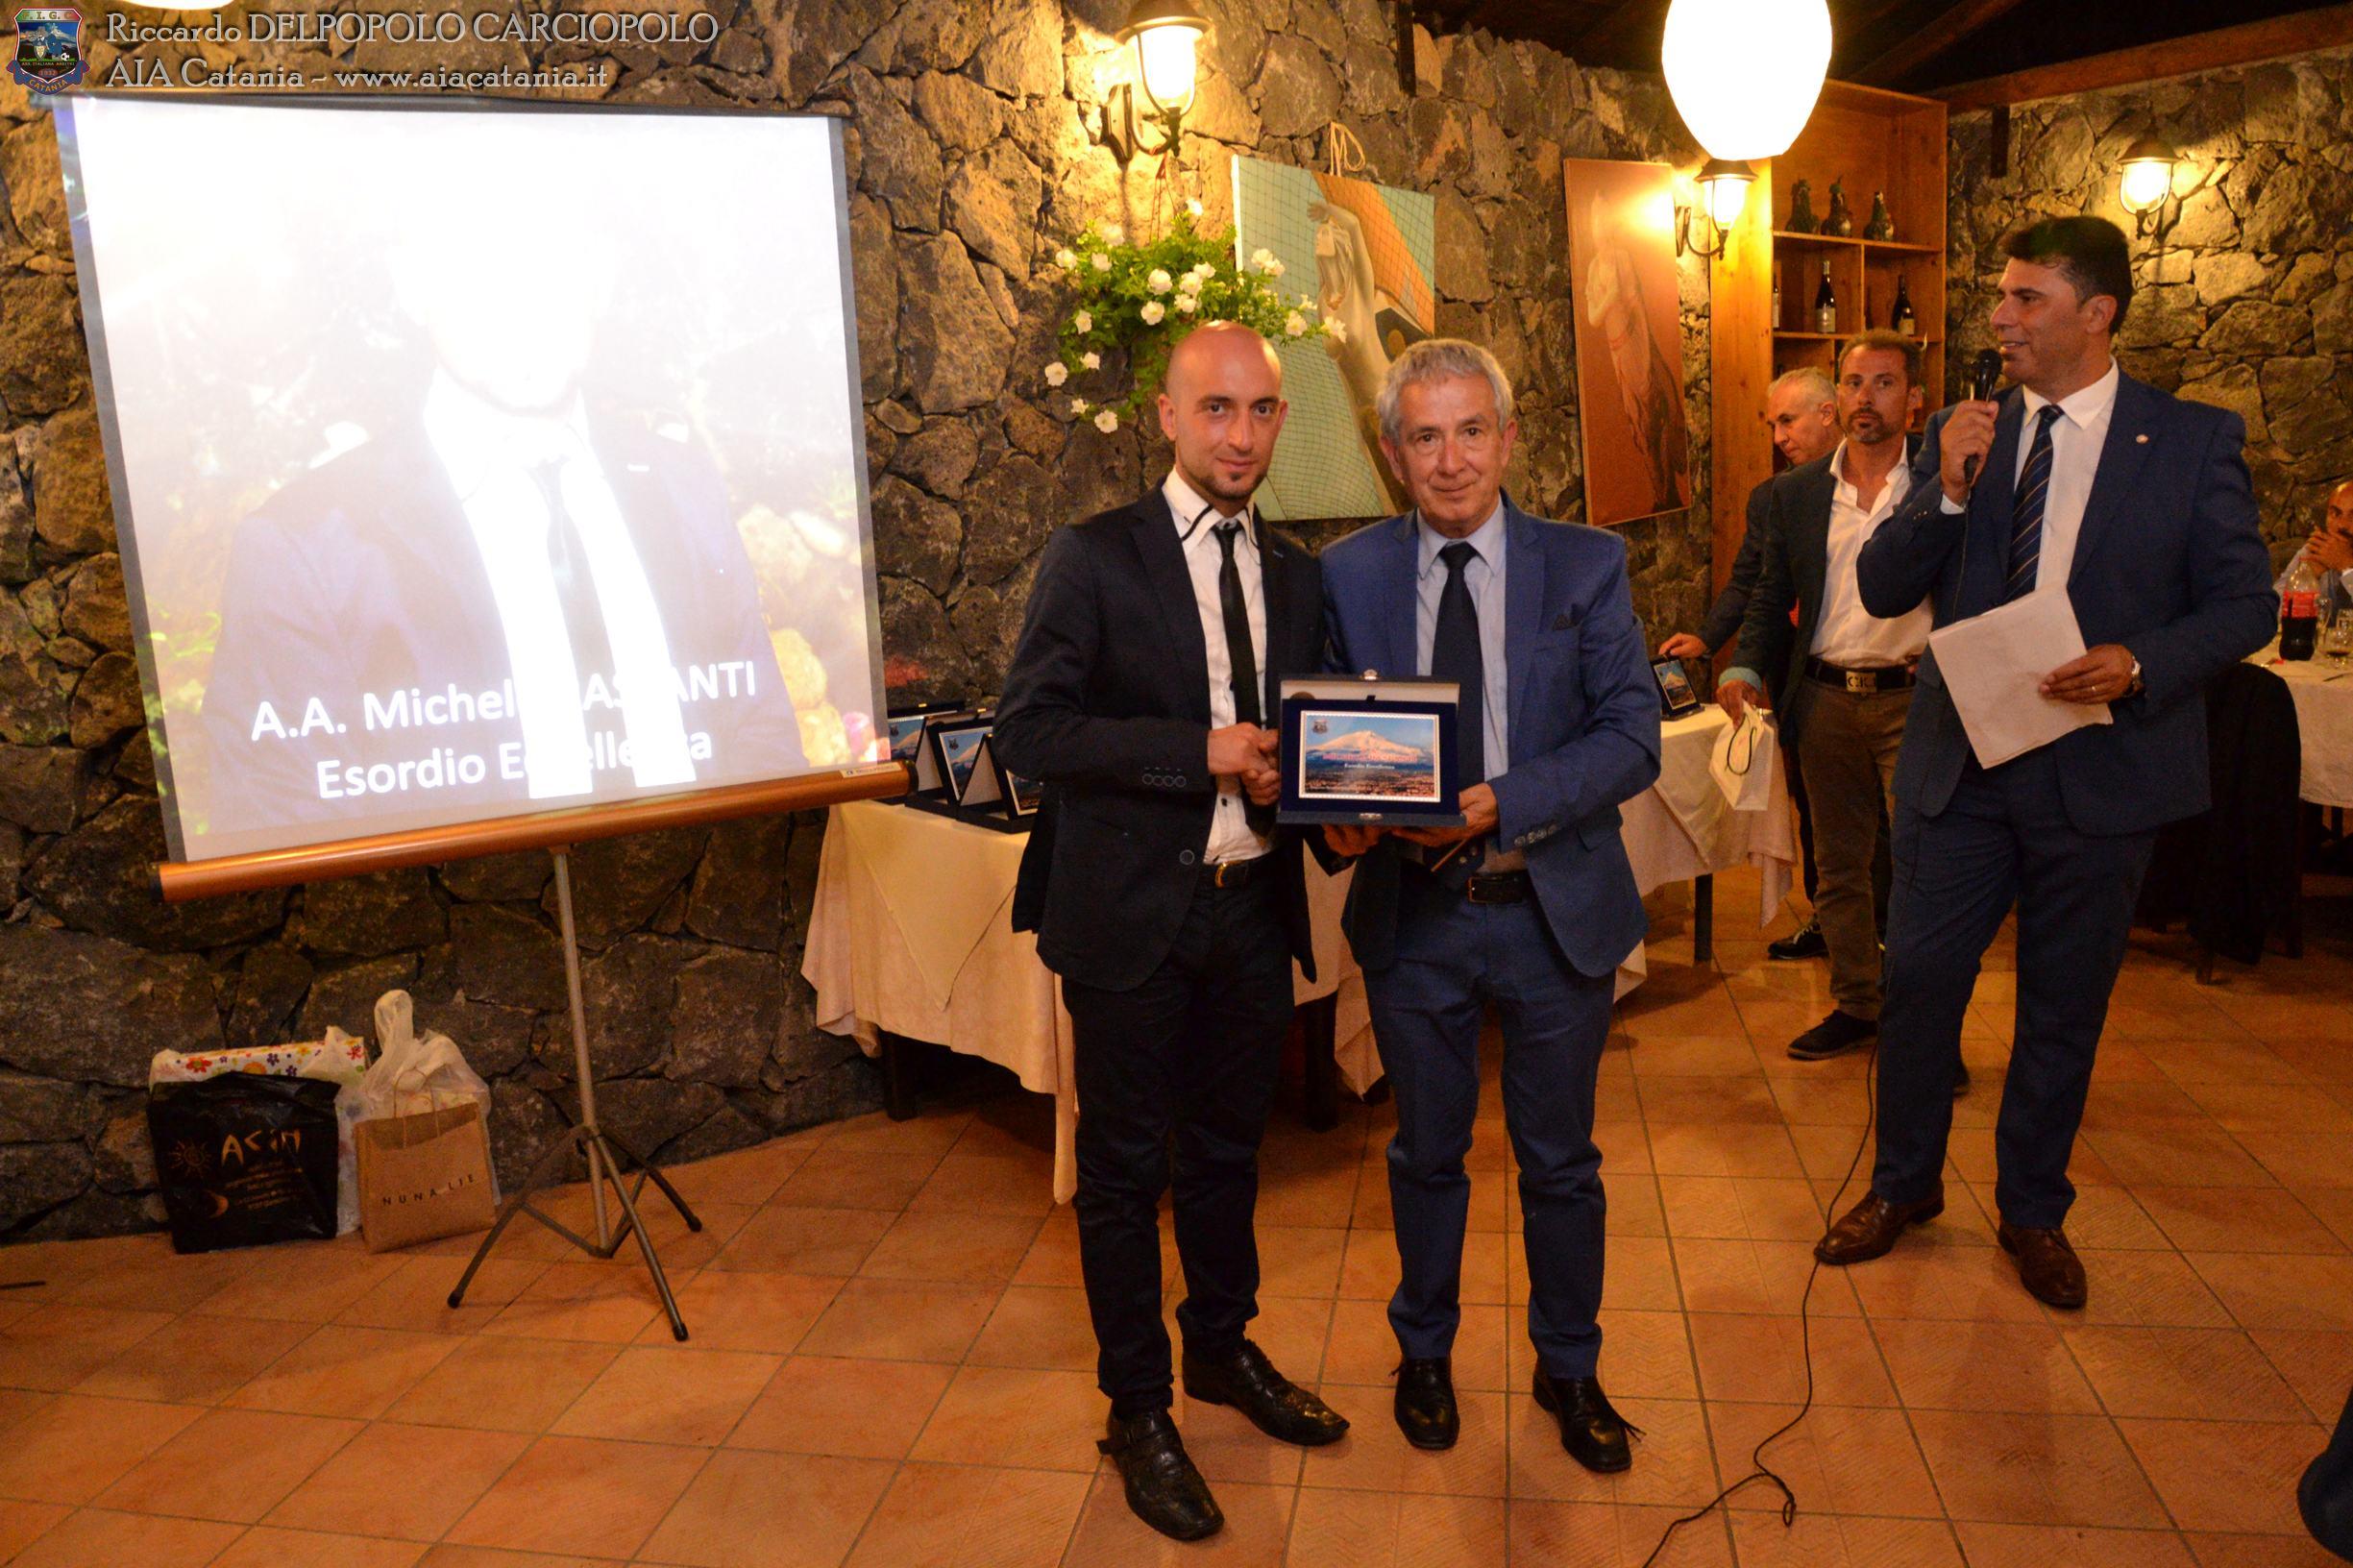 A.A. Michele RASPANTI premiato per l'esordio in Eccellenza.